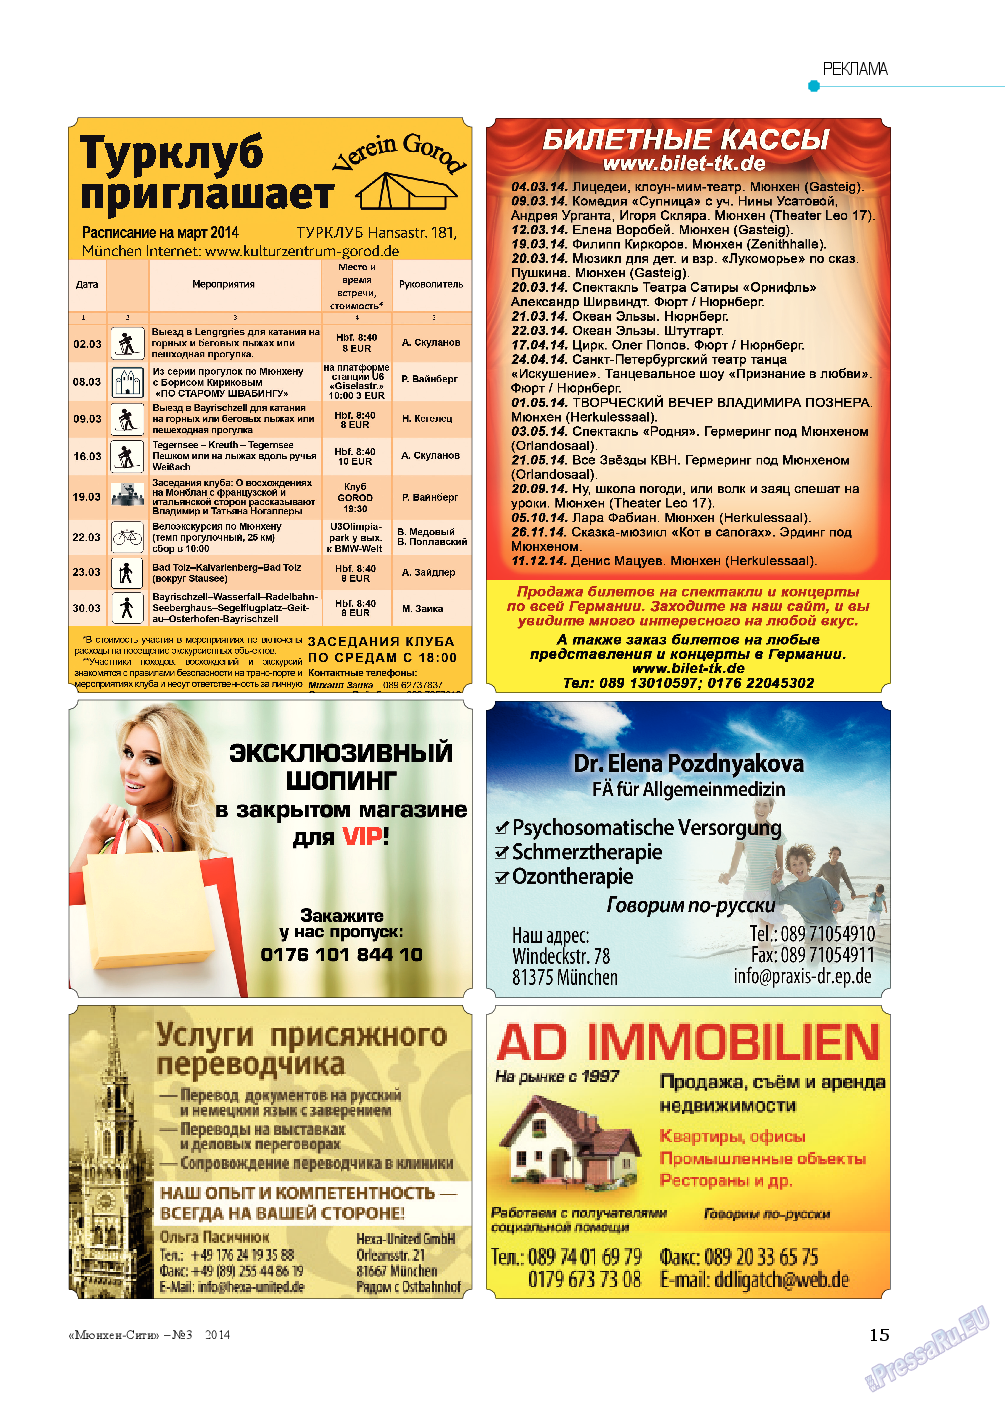 Мюнхен-сити (журнал). 2014 год, номер 3, стр. 15